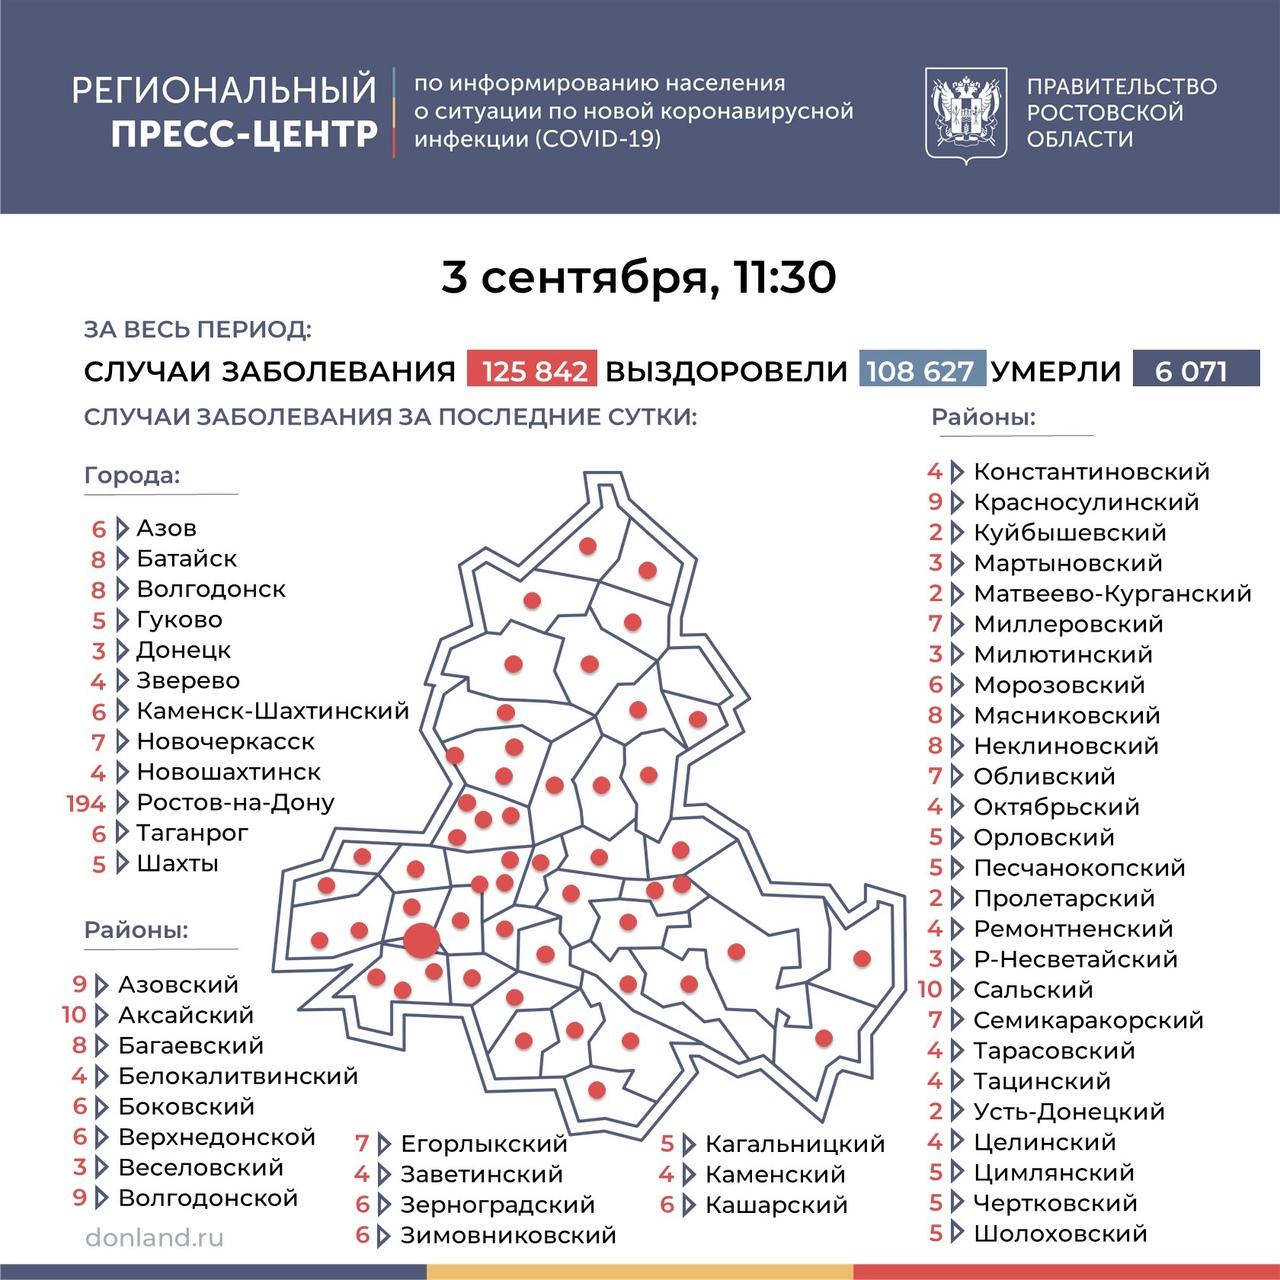 Коронавирус: в Таганроге опять заболели 6 человек